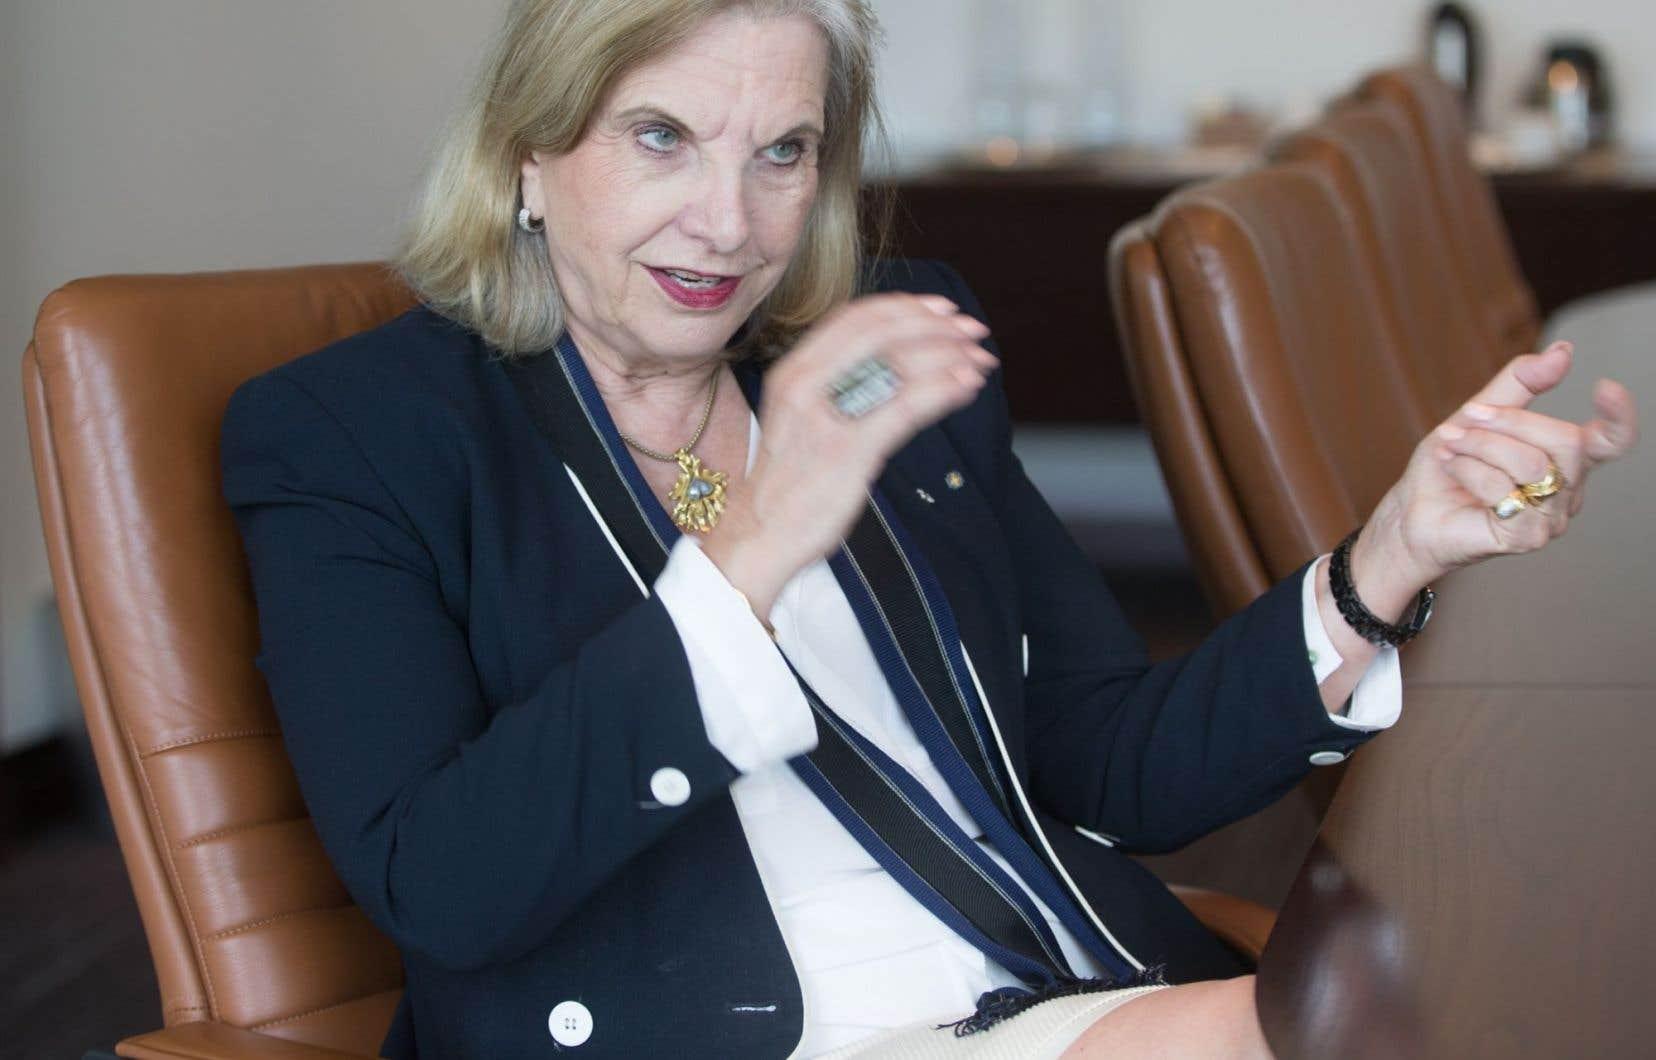 L'ex-ministre libérale Monique Jérôme-Forget a confié dans le dernier reportage de l'émission «Enquête» qu'elle n'avait aucun intérêt pour la SQI.